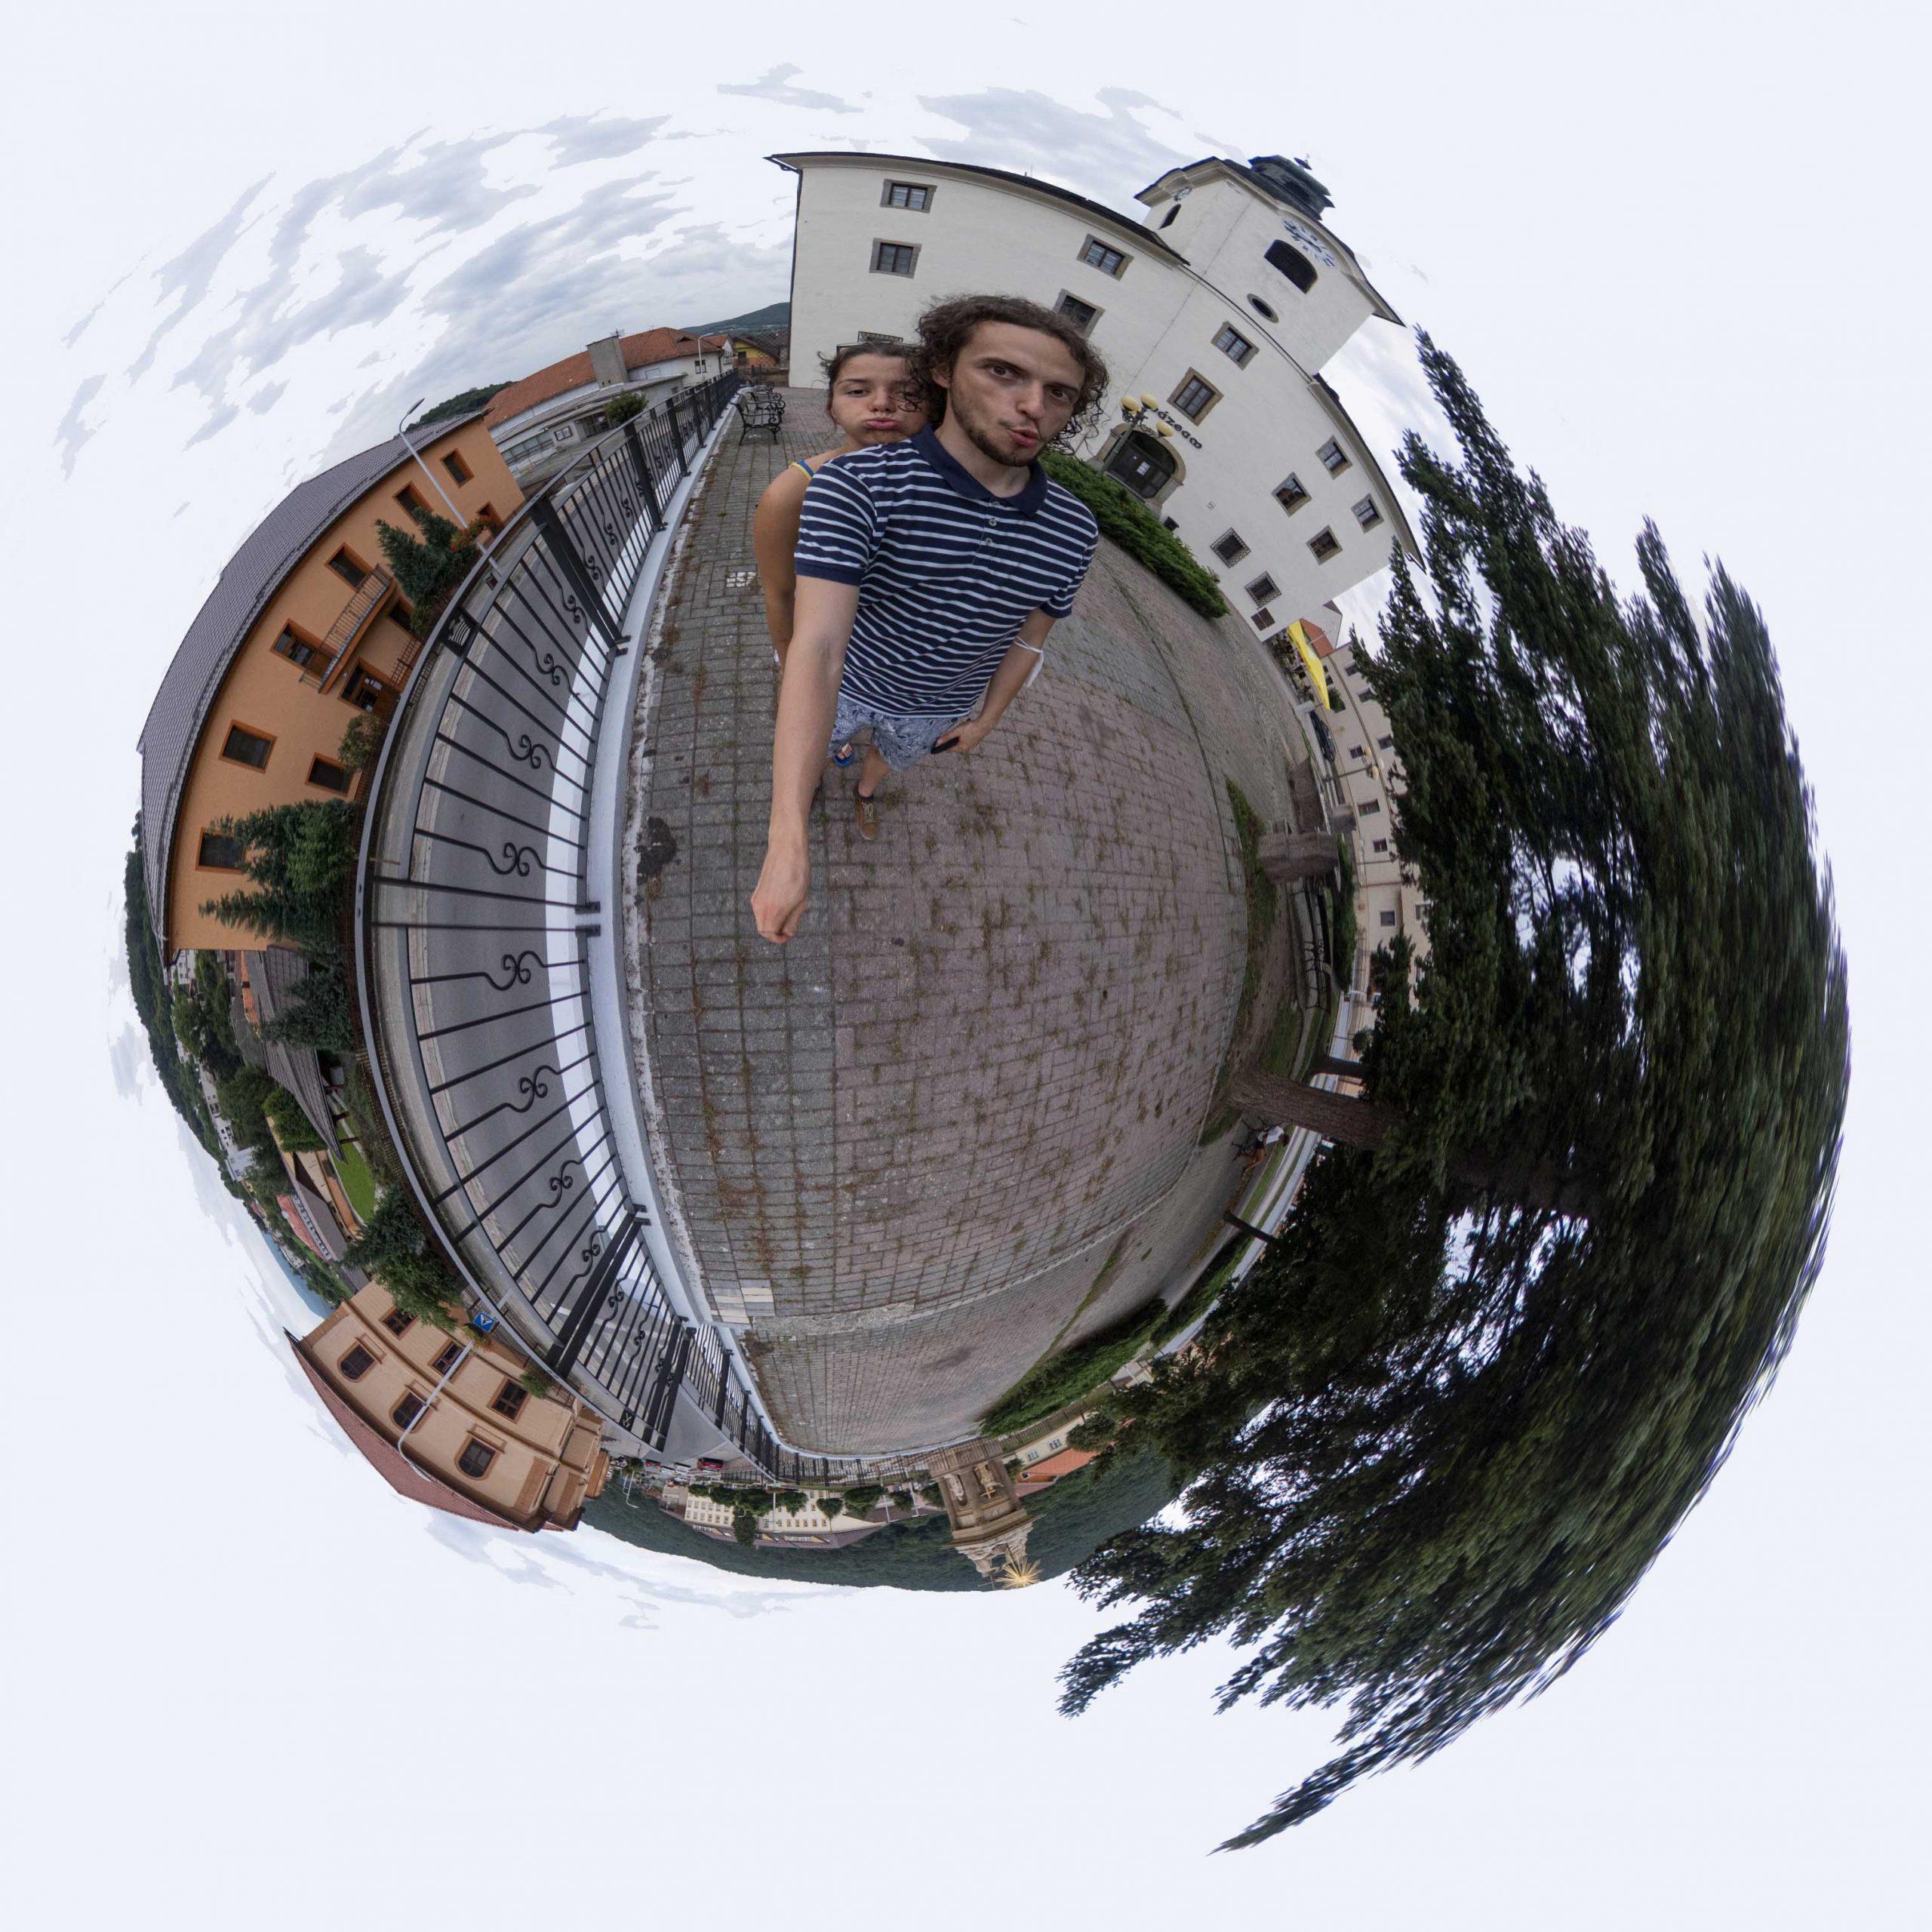 Ako pridať 360 fotku na instagram